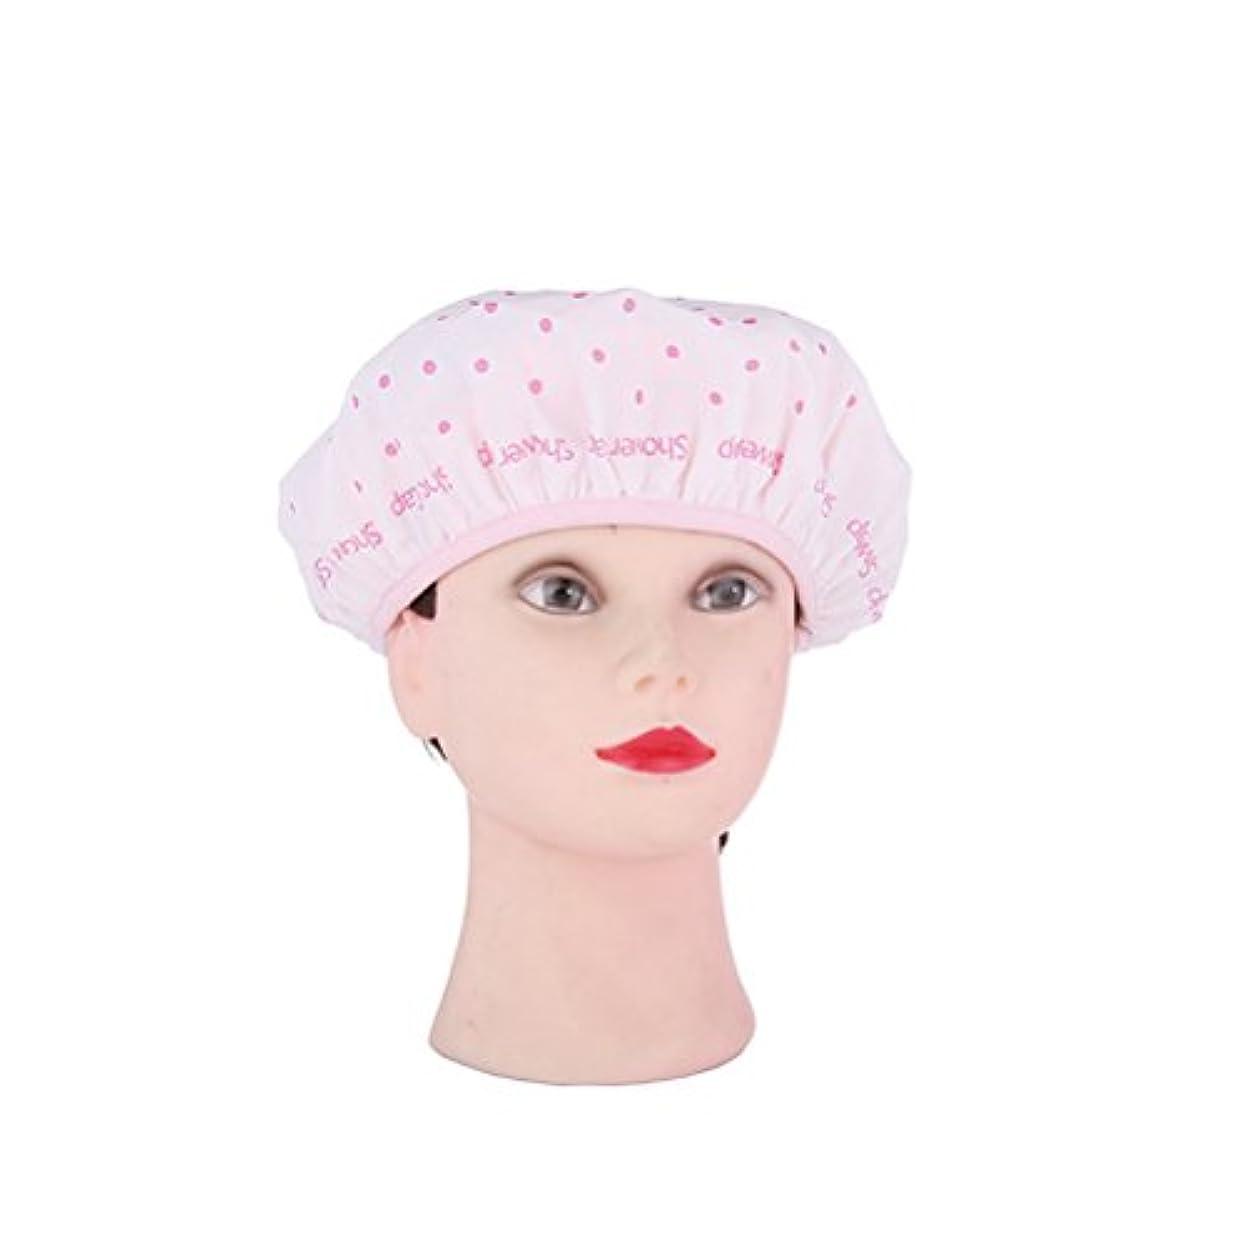 改修するゴルフサーバントHEALLILY シャワーの帽子女性の子供のための防水シャワーの帽子のBathのシャワーの毛の帽子